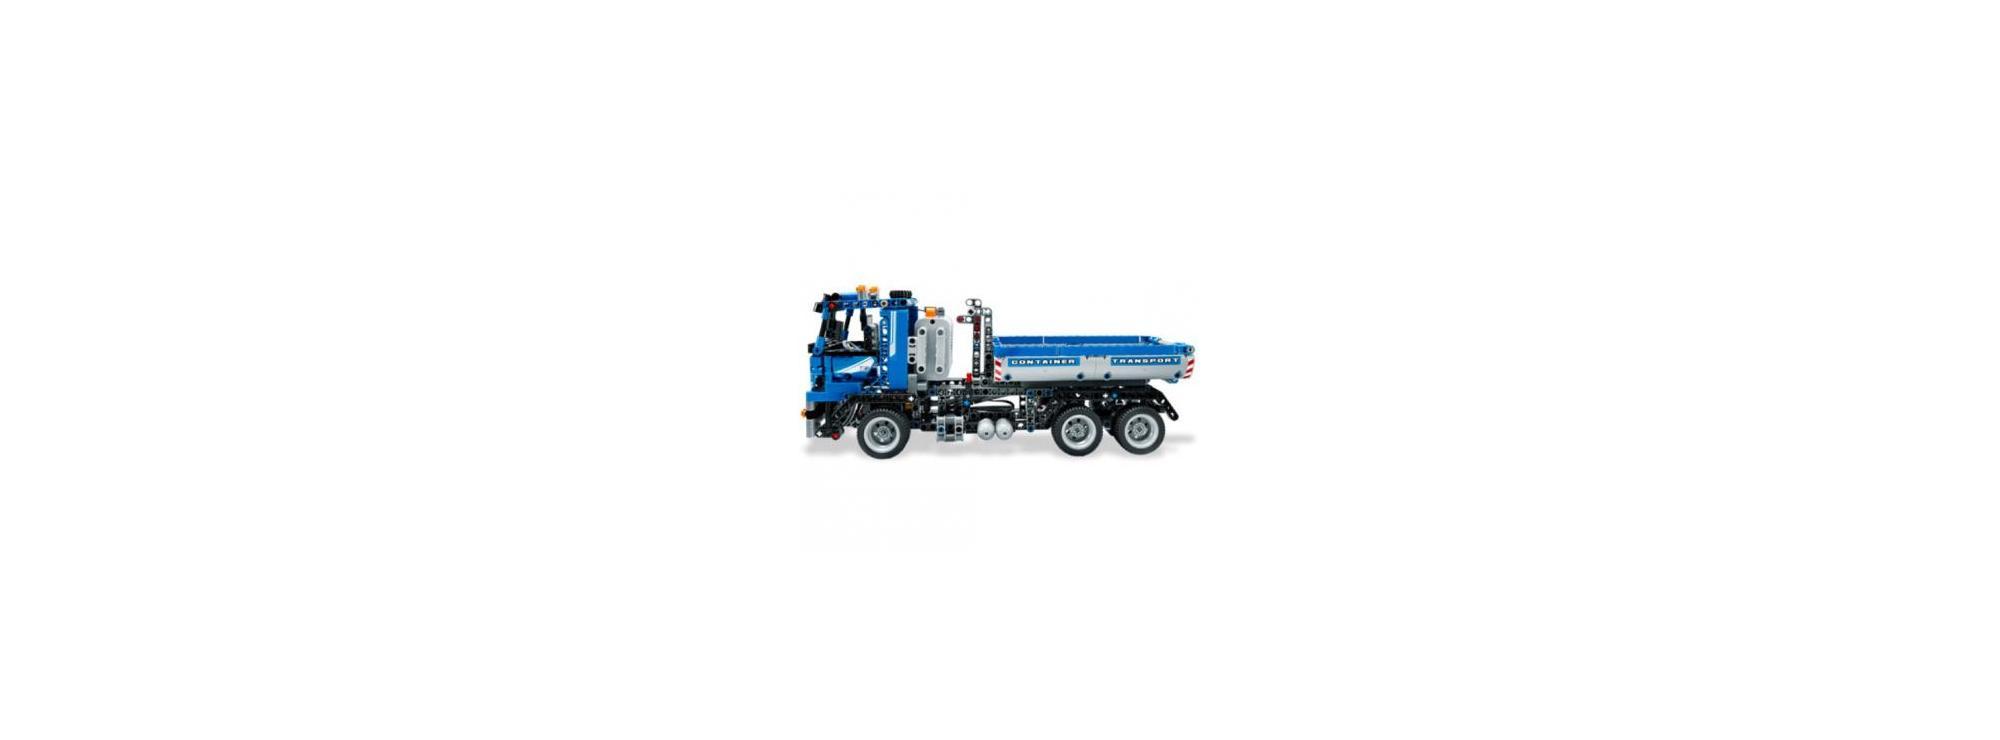 LEGO Technik Container-Truck 8052 günstig kaufen